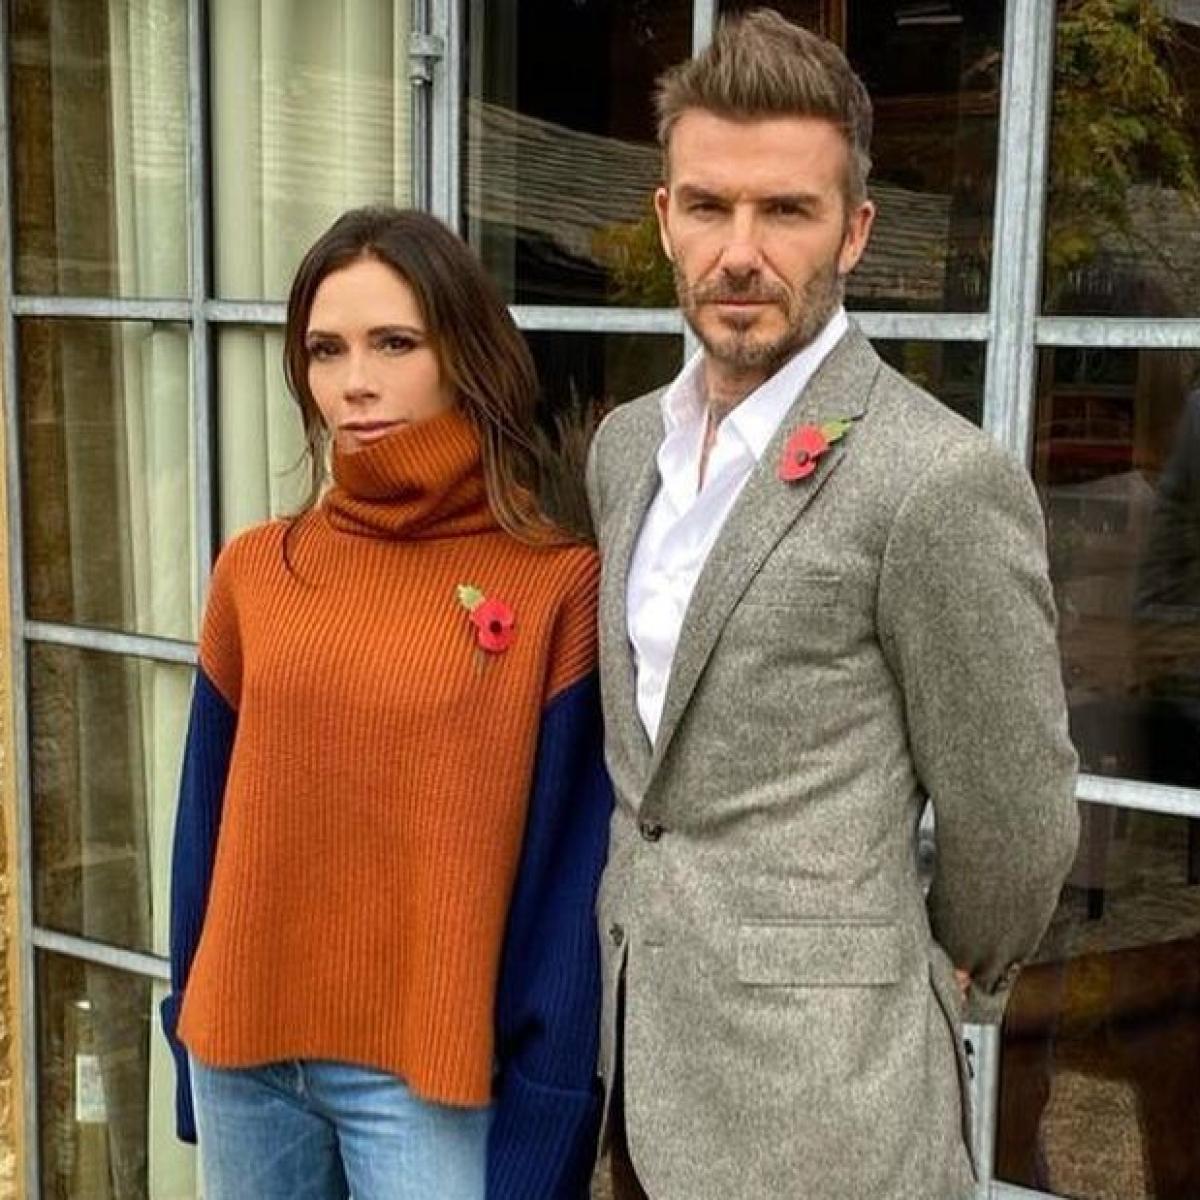 Victoria Beckham reveals that her footballer husband David Beckham takes zoom calls in underwear